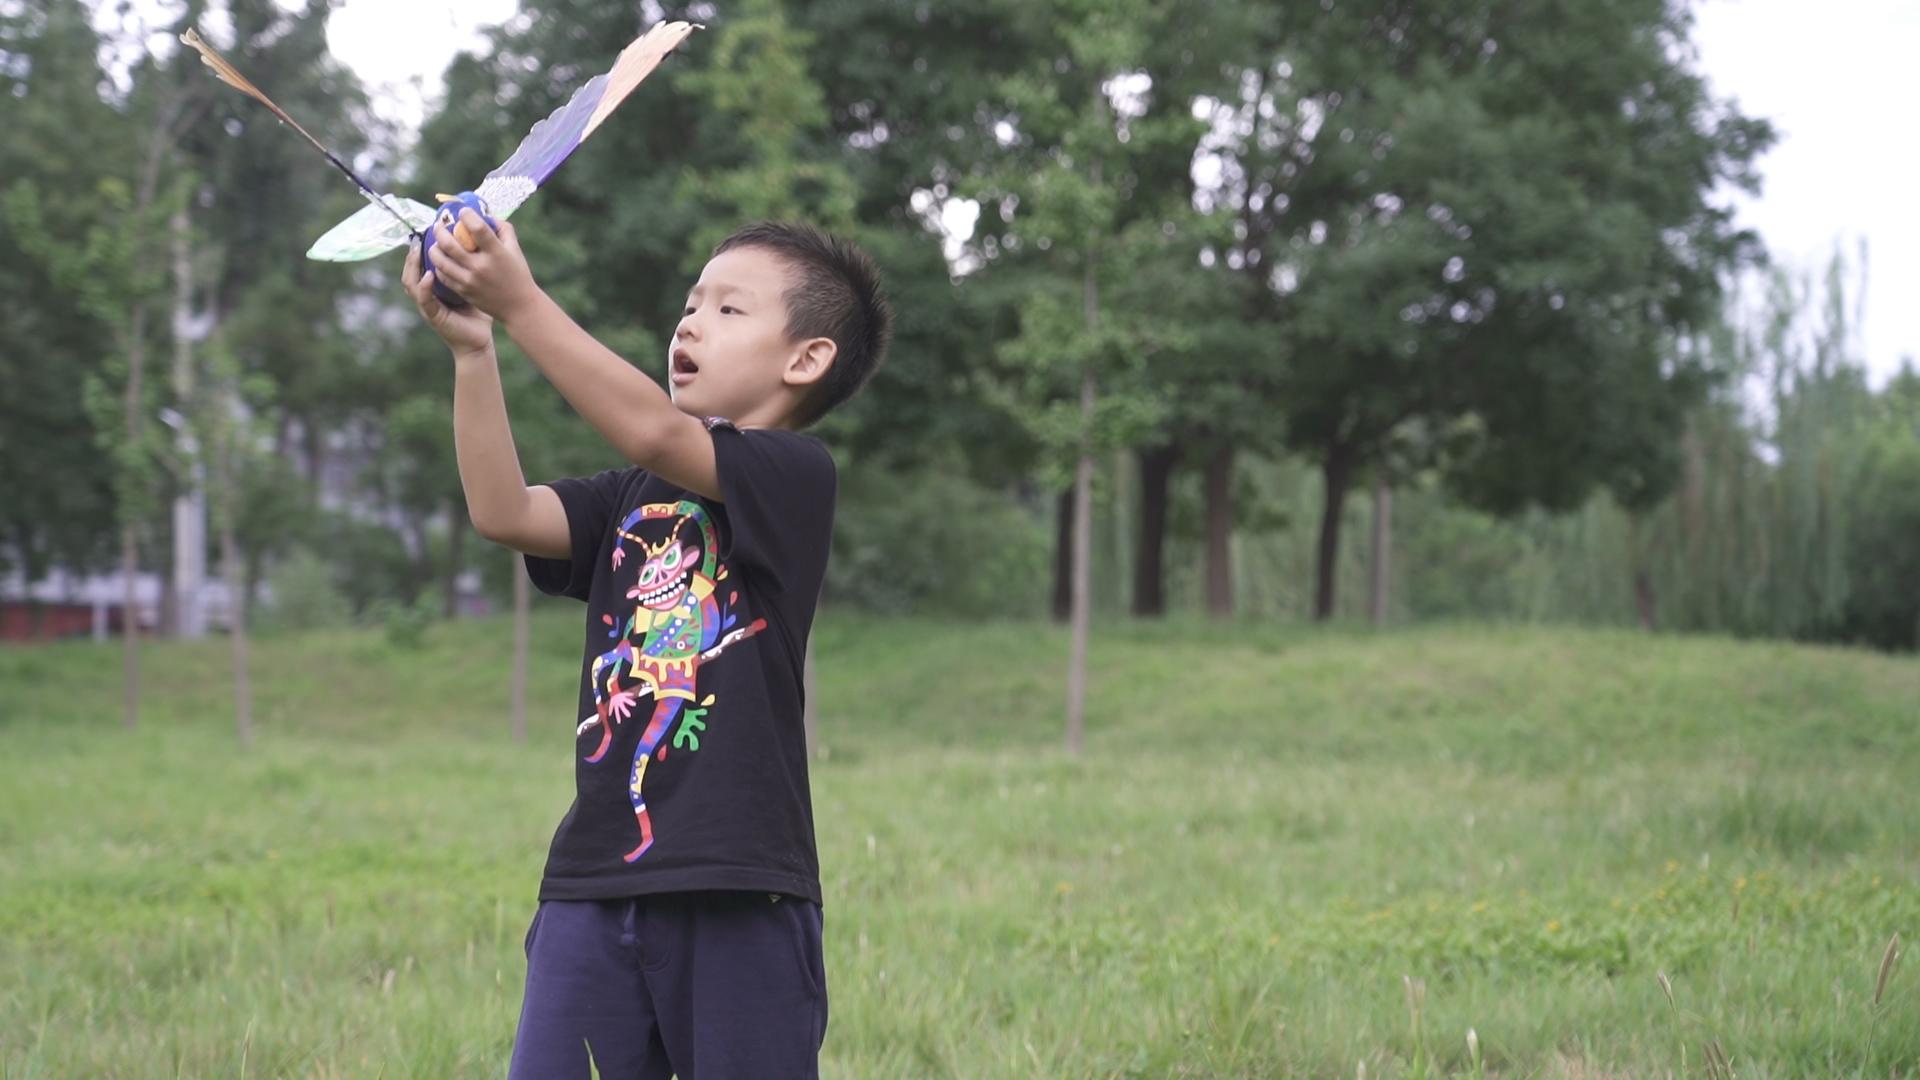 小孩在草地上玩飞盘中度可信度描述已自动生成